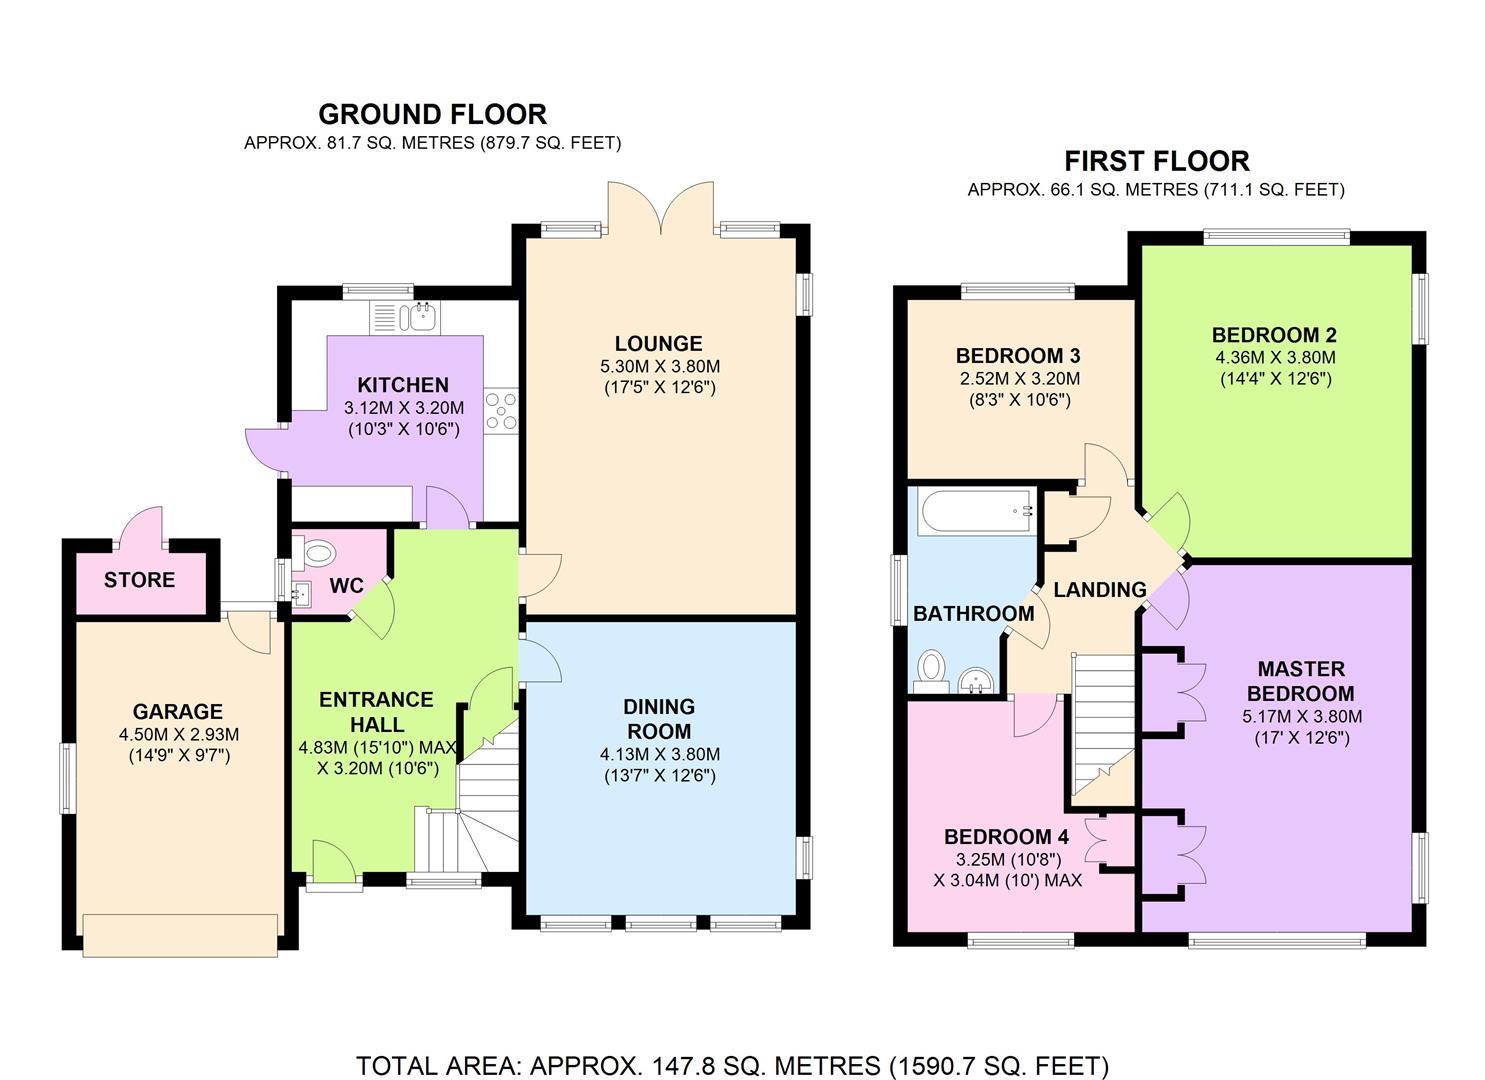 55 Sunnybank, Epsom floorplan.JPG